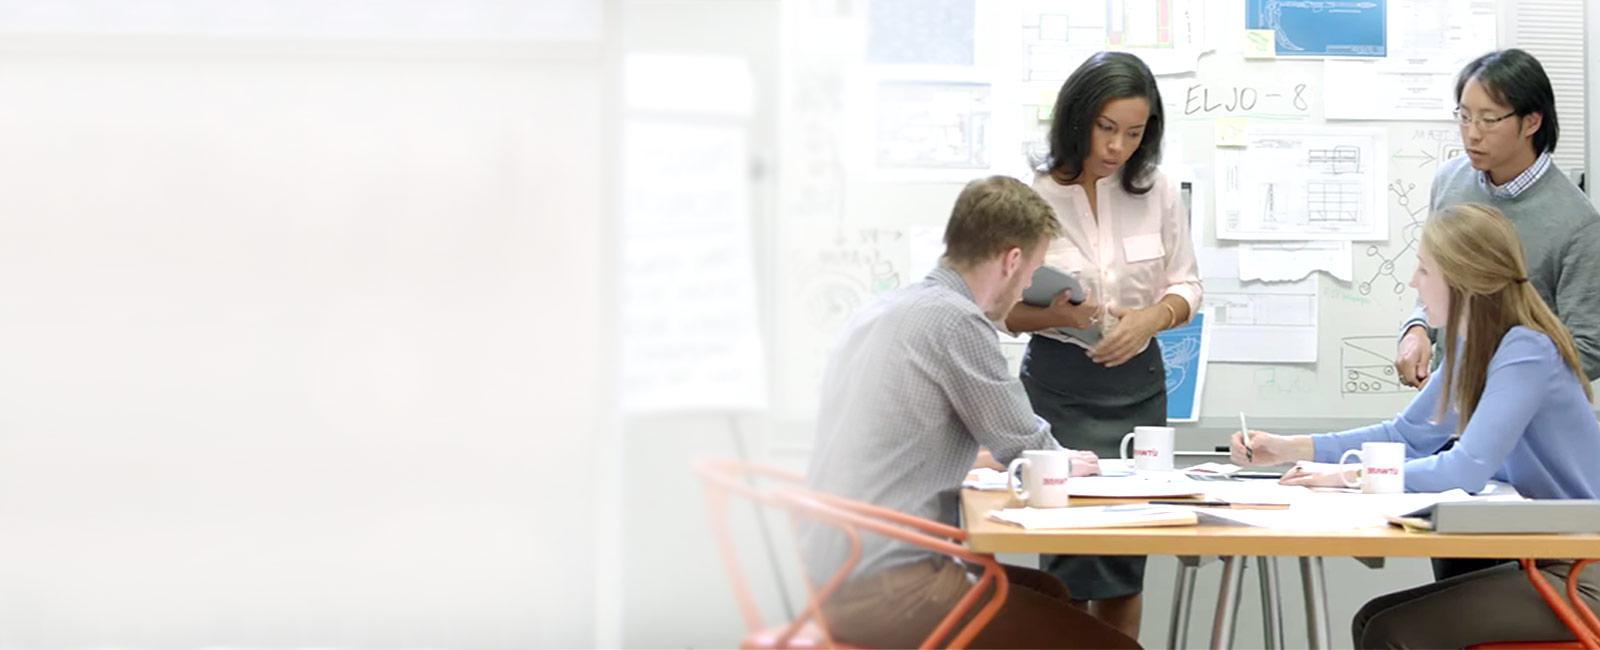 Két álló és két ülő ember egy dokumentumokkal borított asztalnál egy rajztábla előtt.